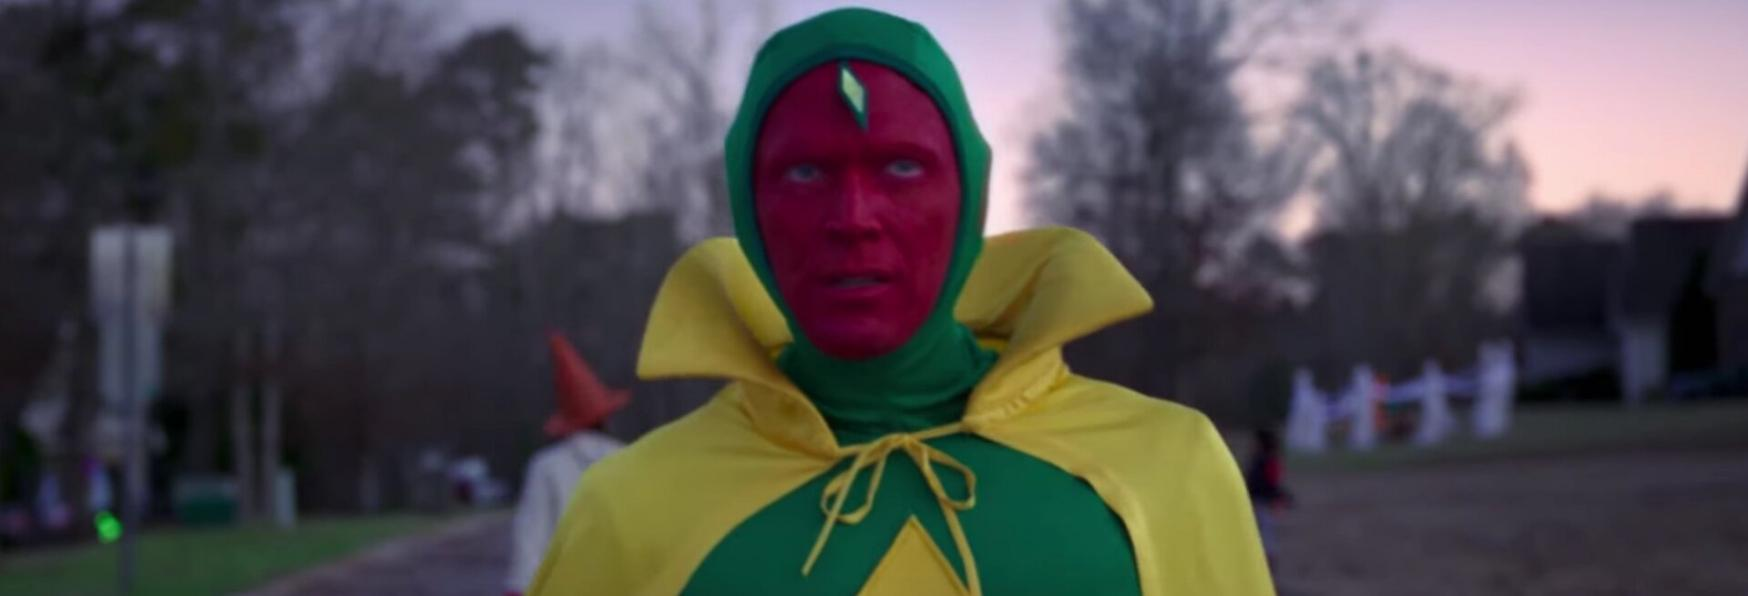 WandaVision: Rilasciato un nuovo Trailer della Serie TV Marvel di prossima Uscita